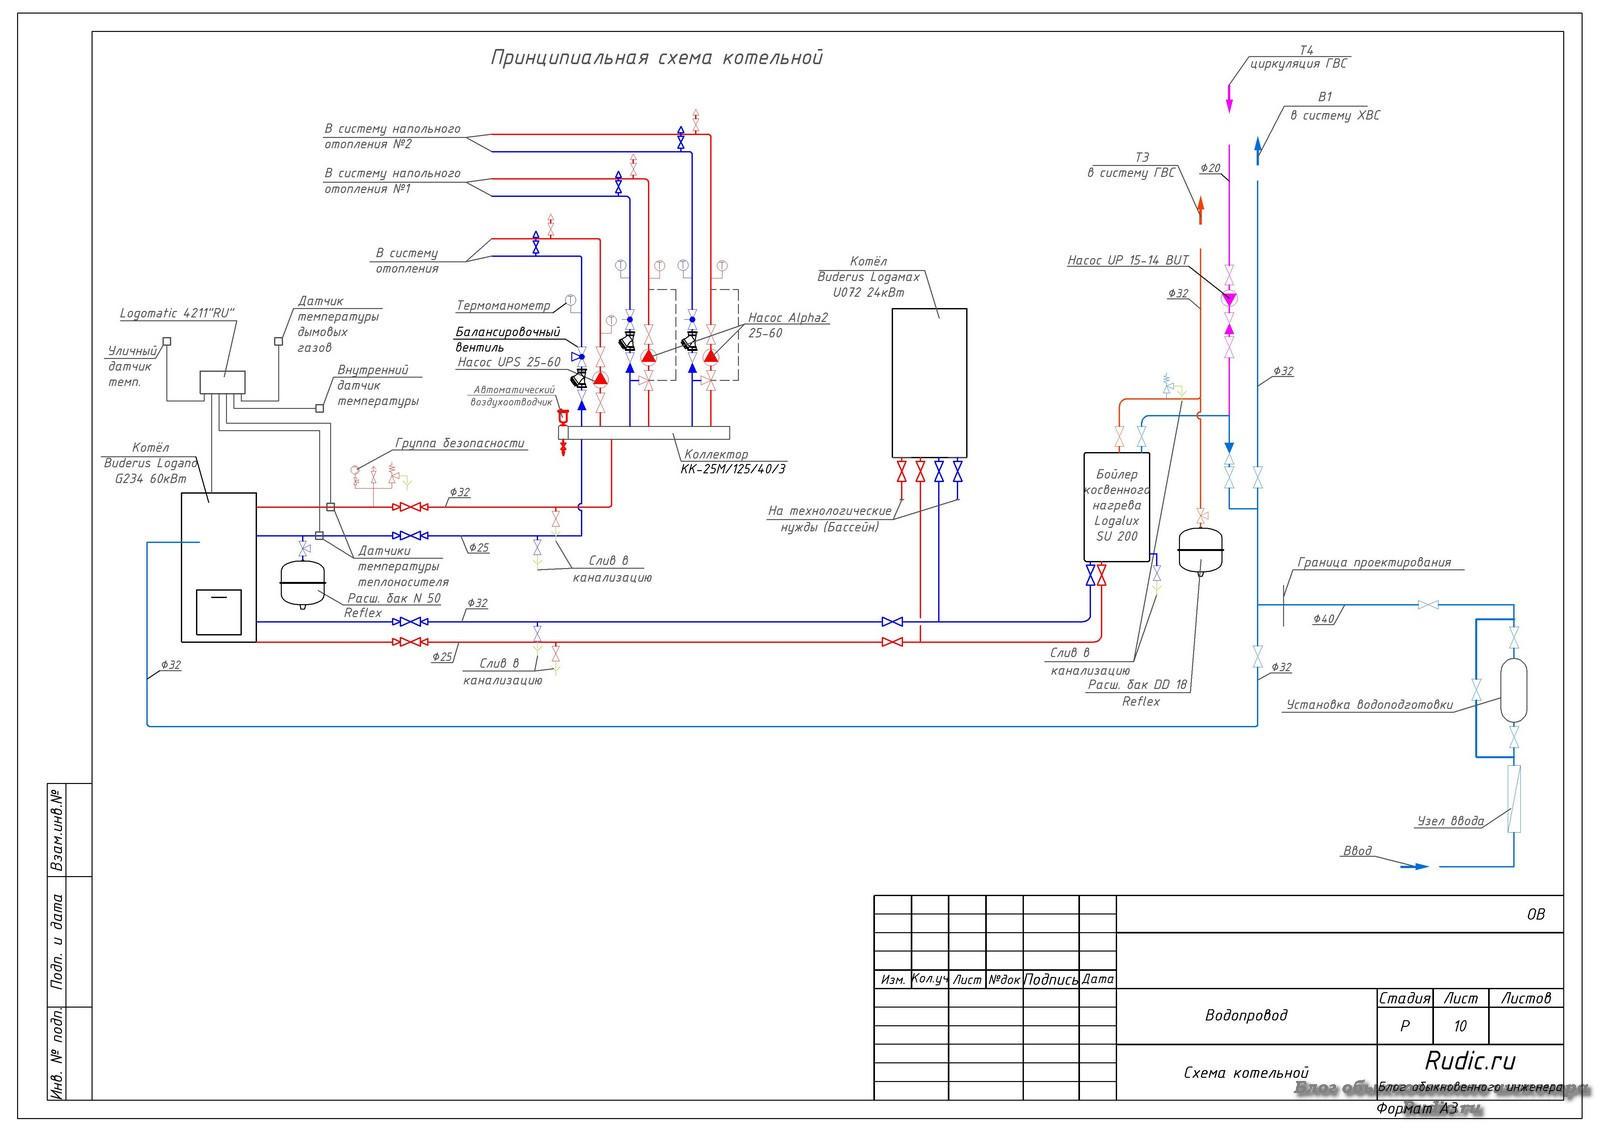 Схема котельной частного дома: принципиальная функциональная - точка j